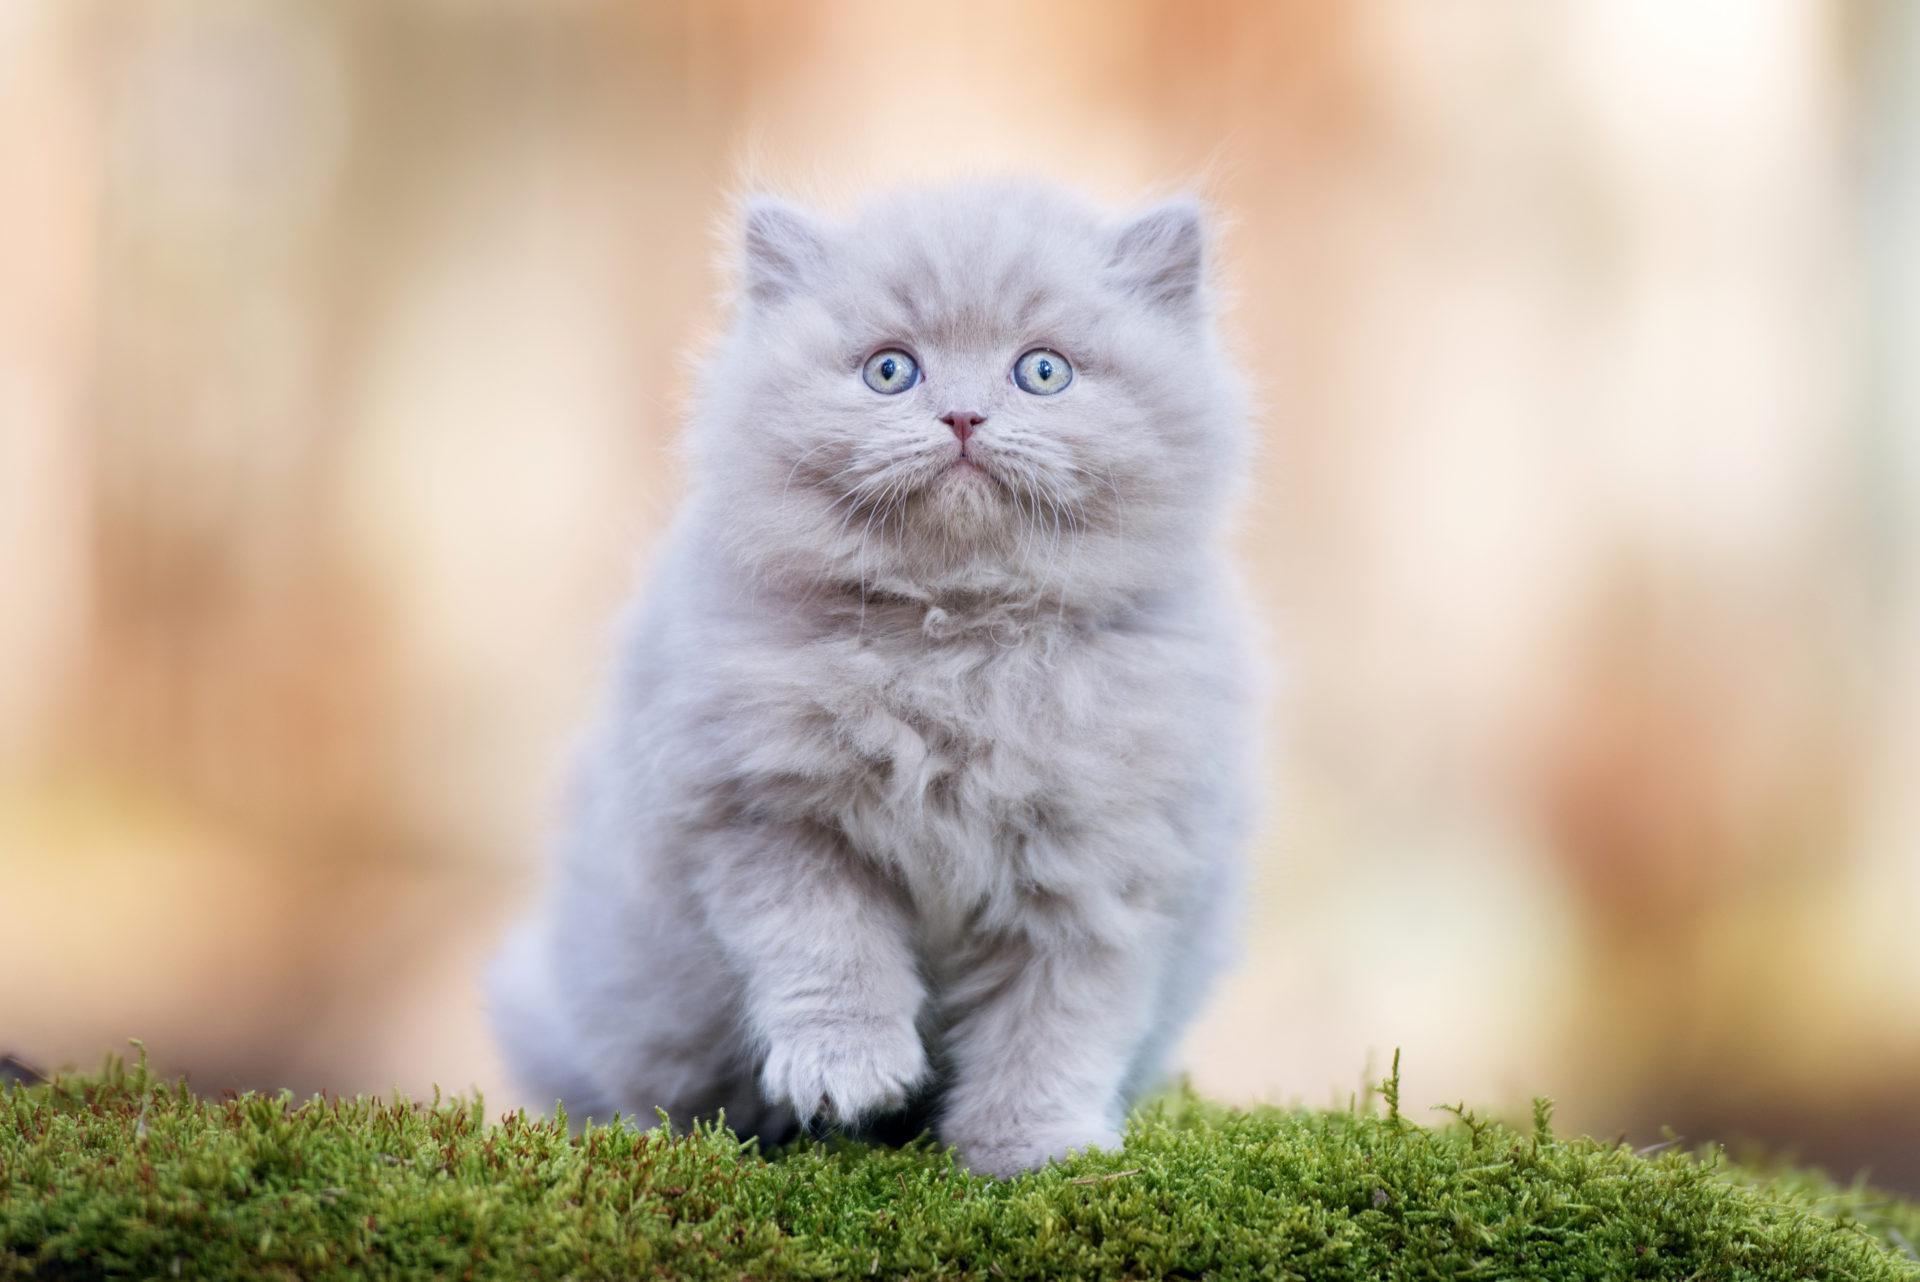 Chăm sóc mèo anh lông dài như thế nào